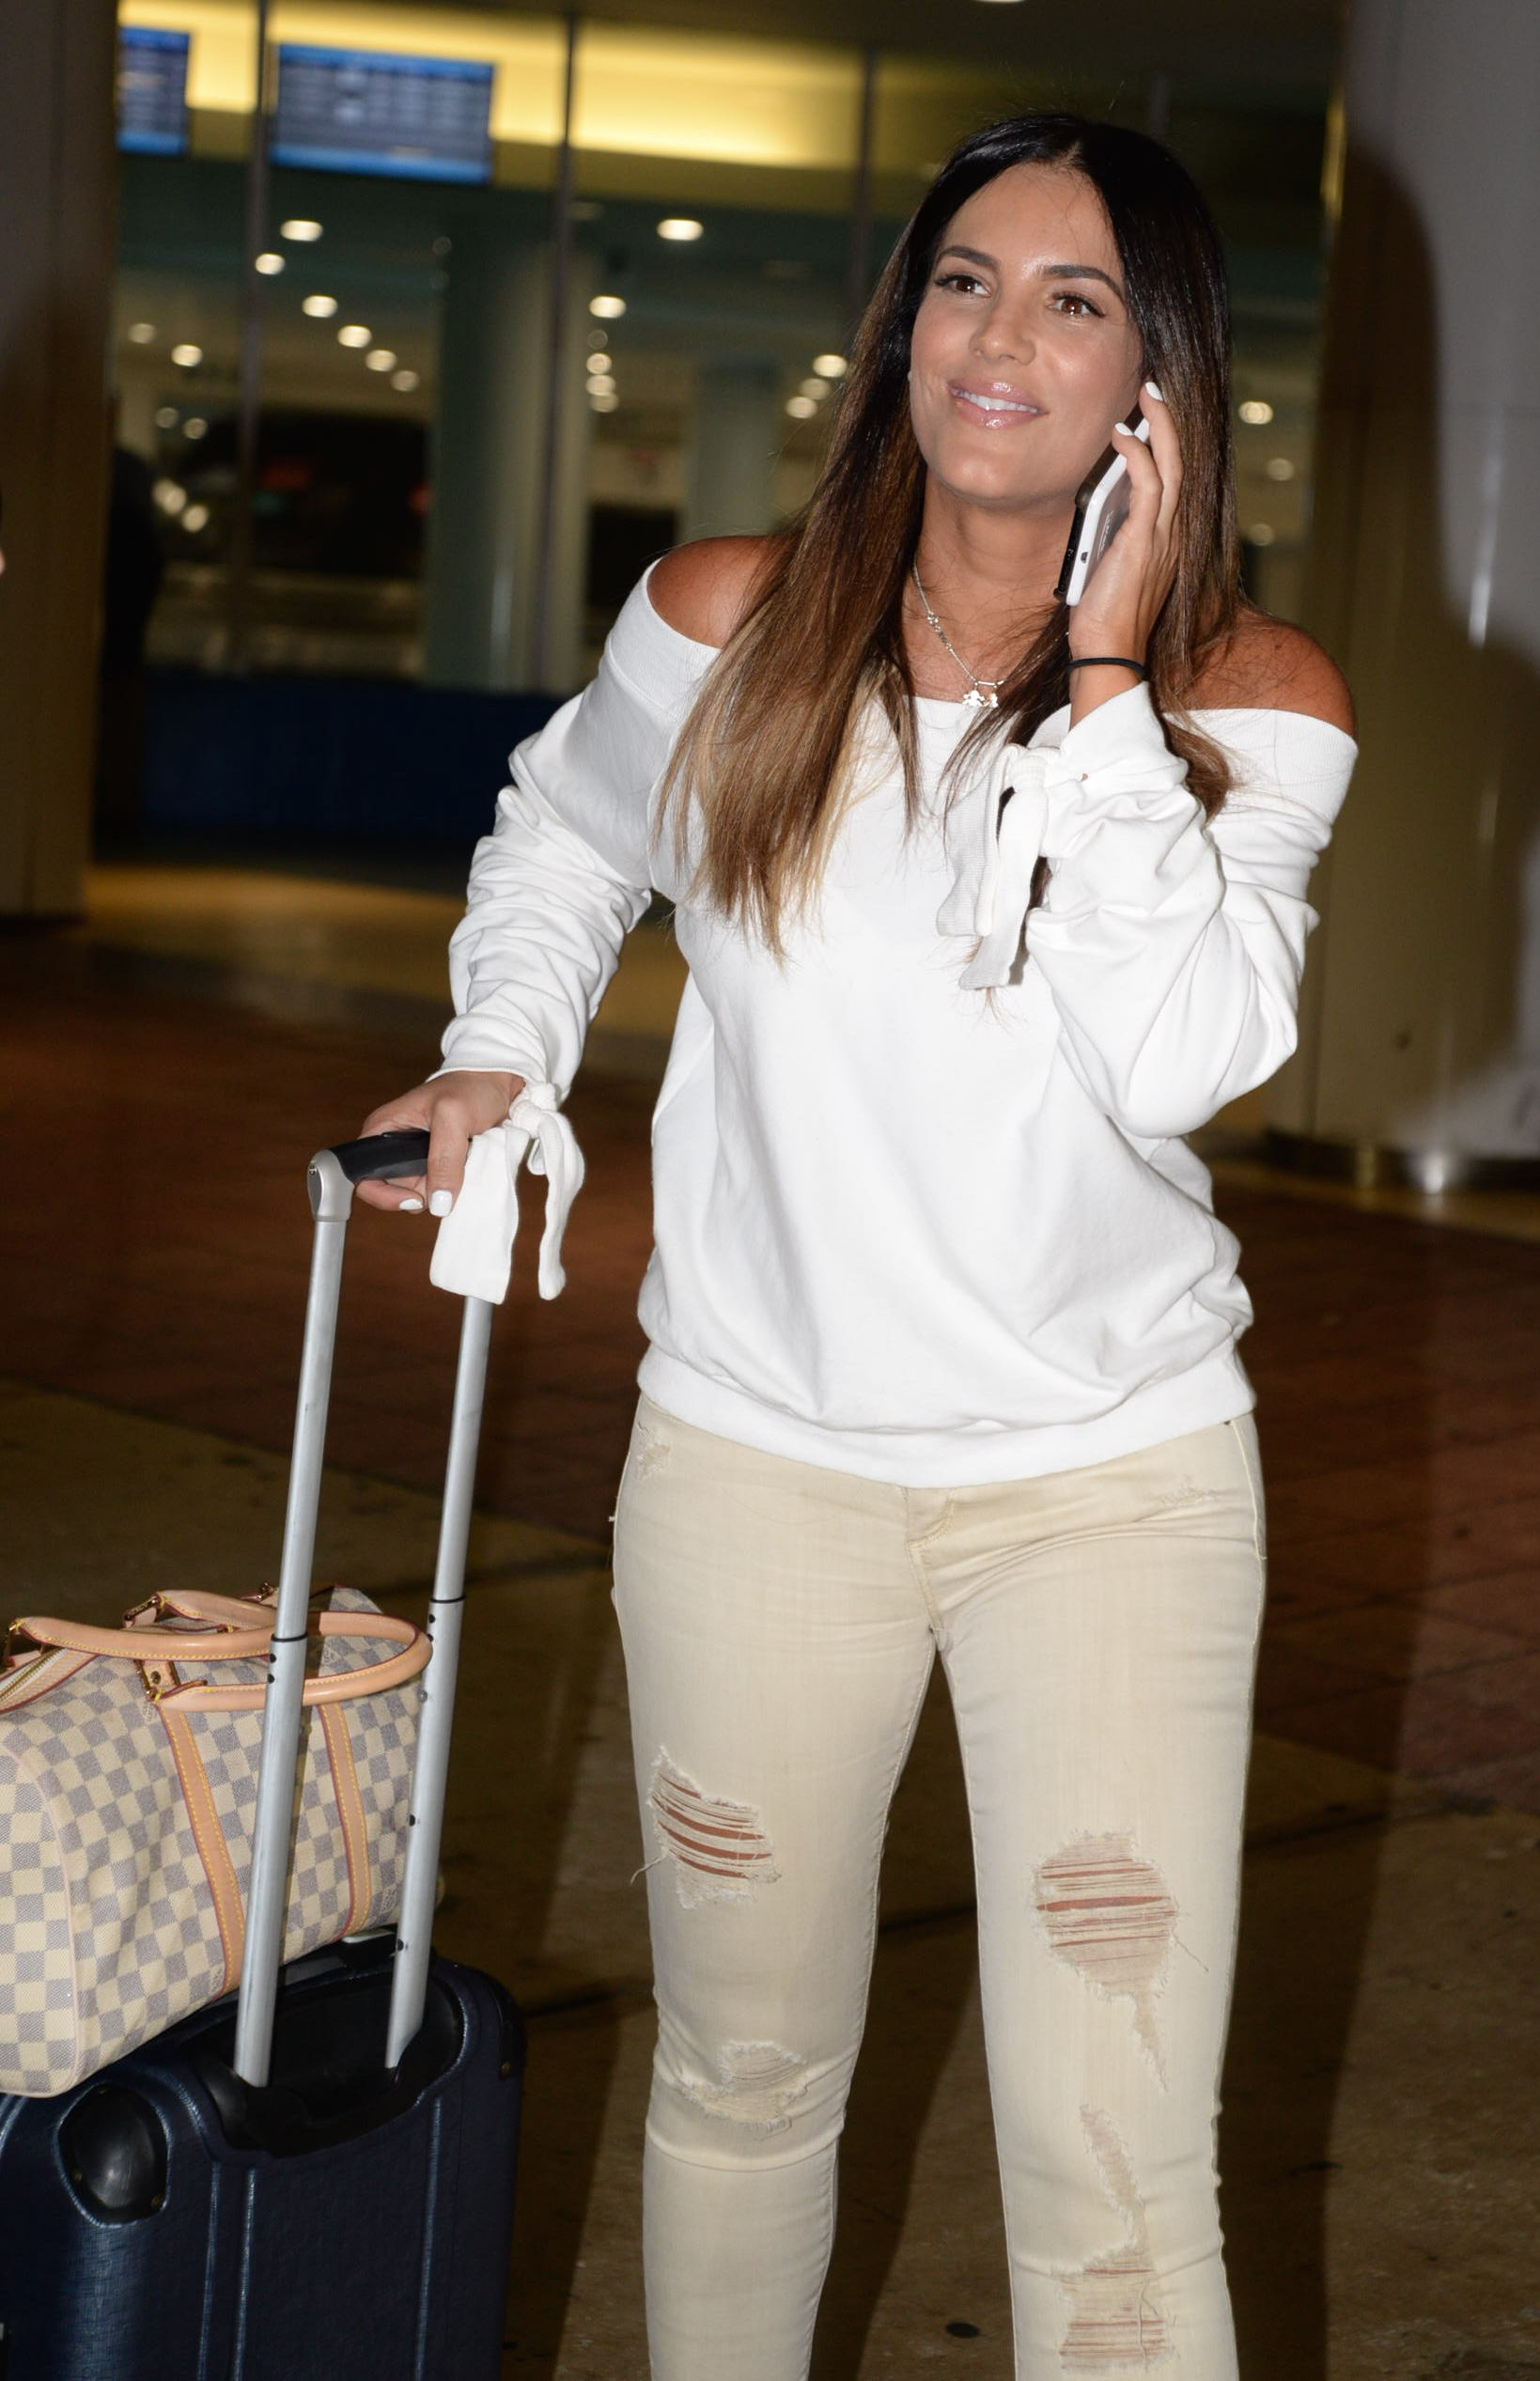 Gaby Espino Sonrie Radiante Luego De Aterrizar En El Aeropuerto De San Juan